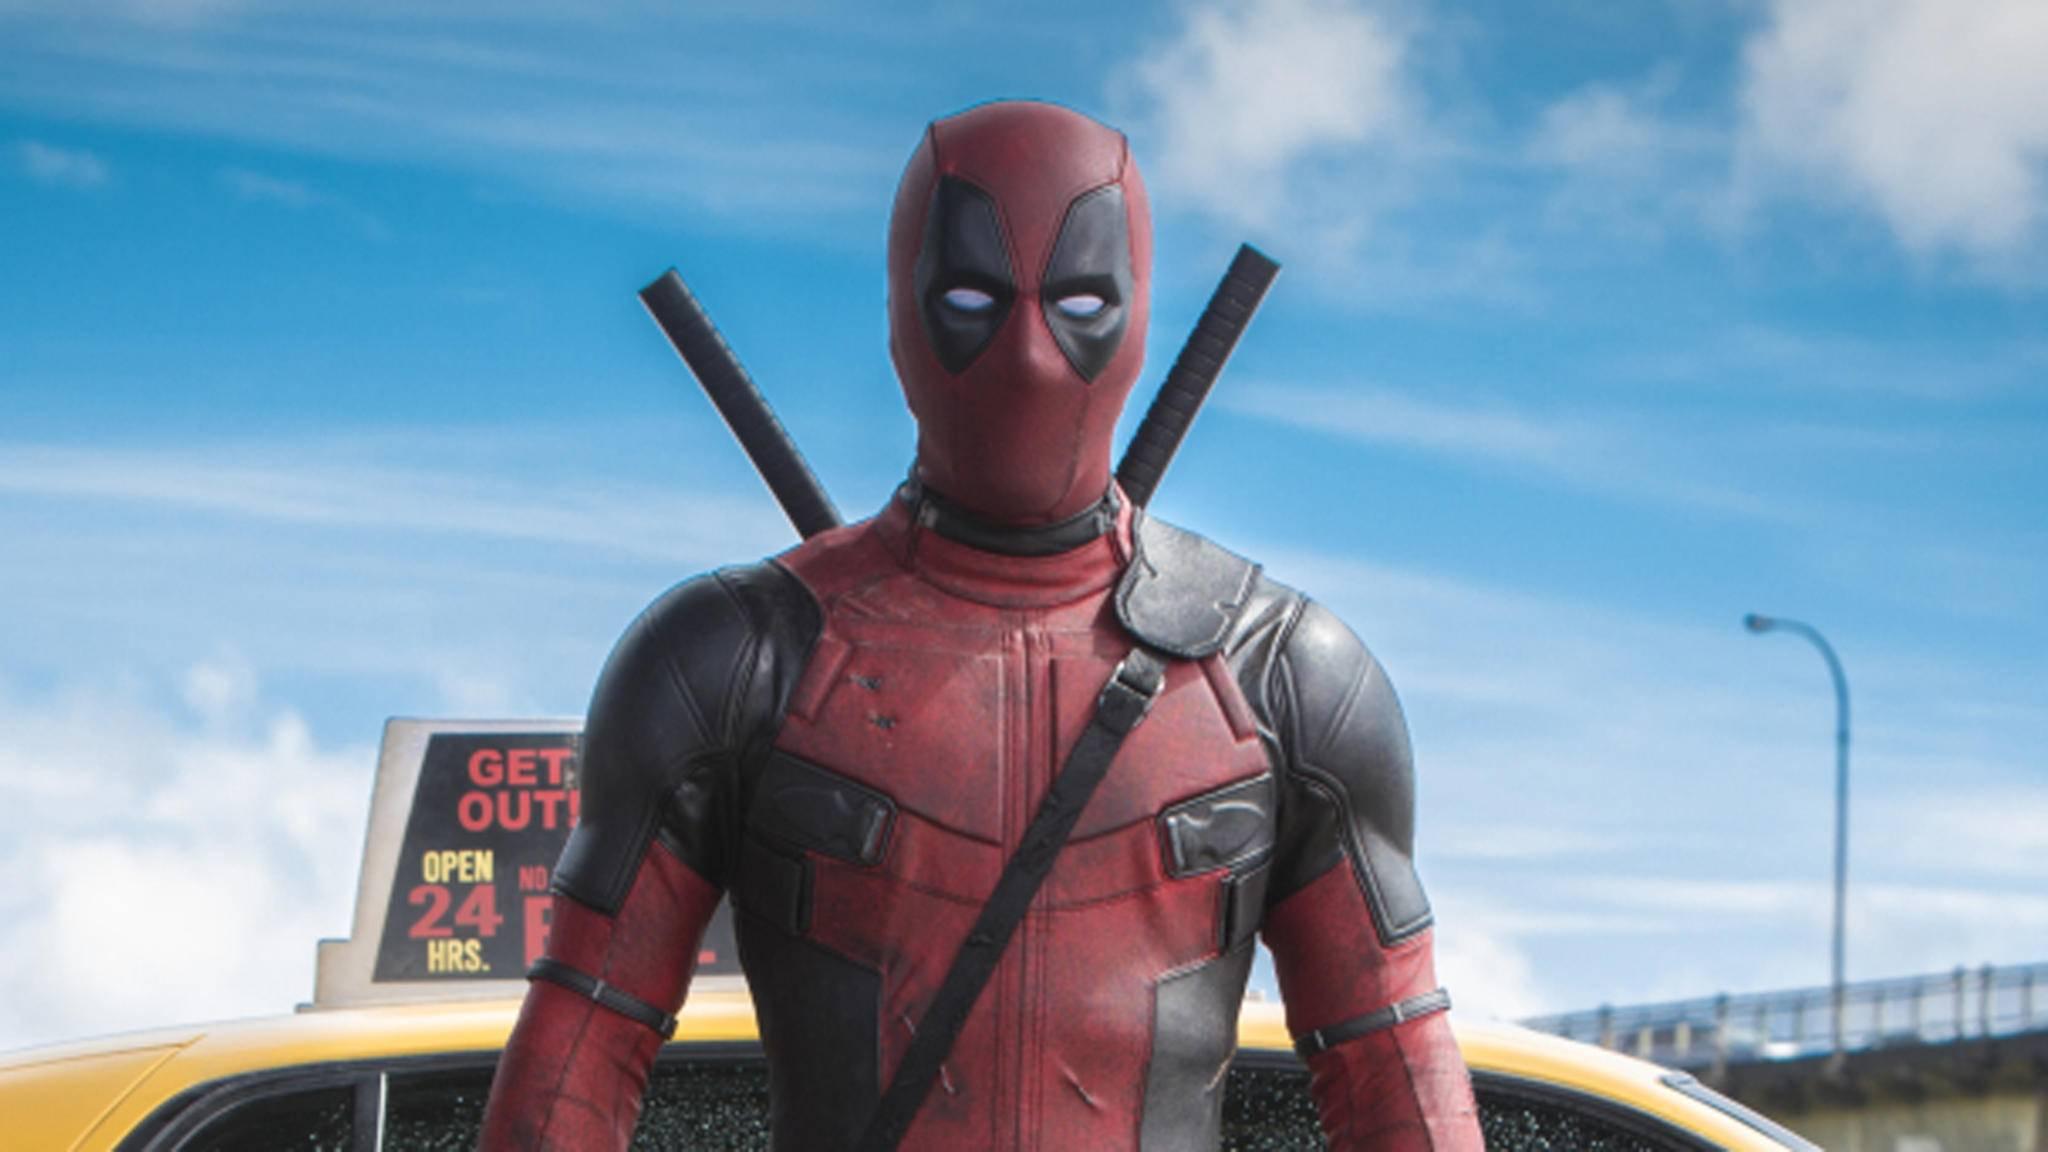 Das nächste Abenteuer mit Deadpool (Ryan Reynolds) startet voraussichtlich Anfang März 2018.